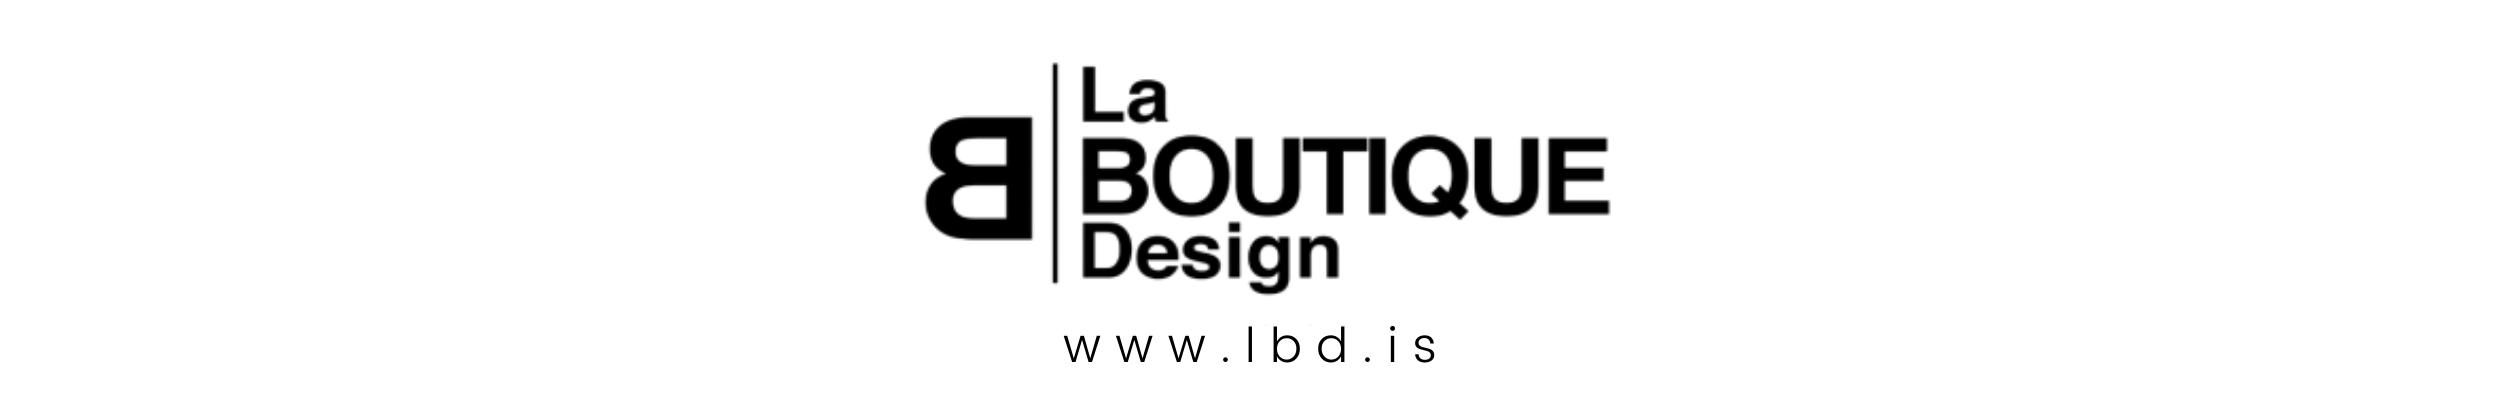 bandeau_logo_0